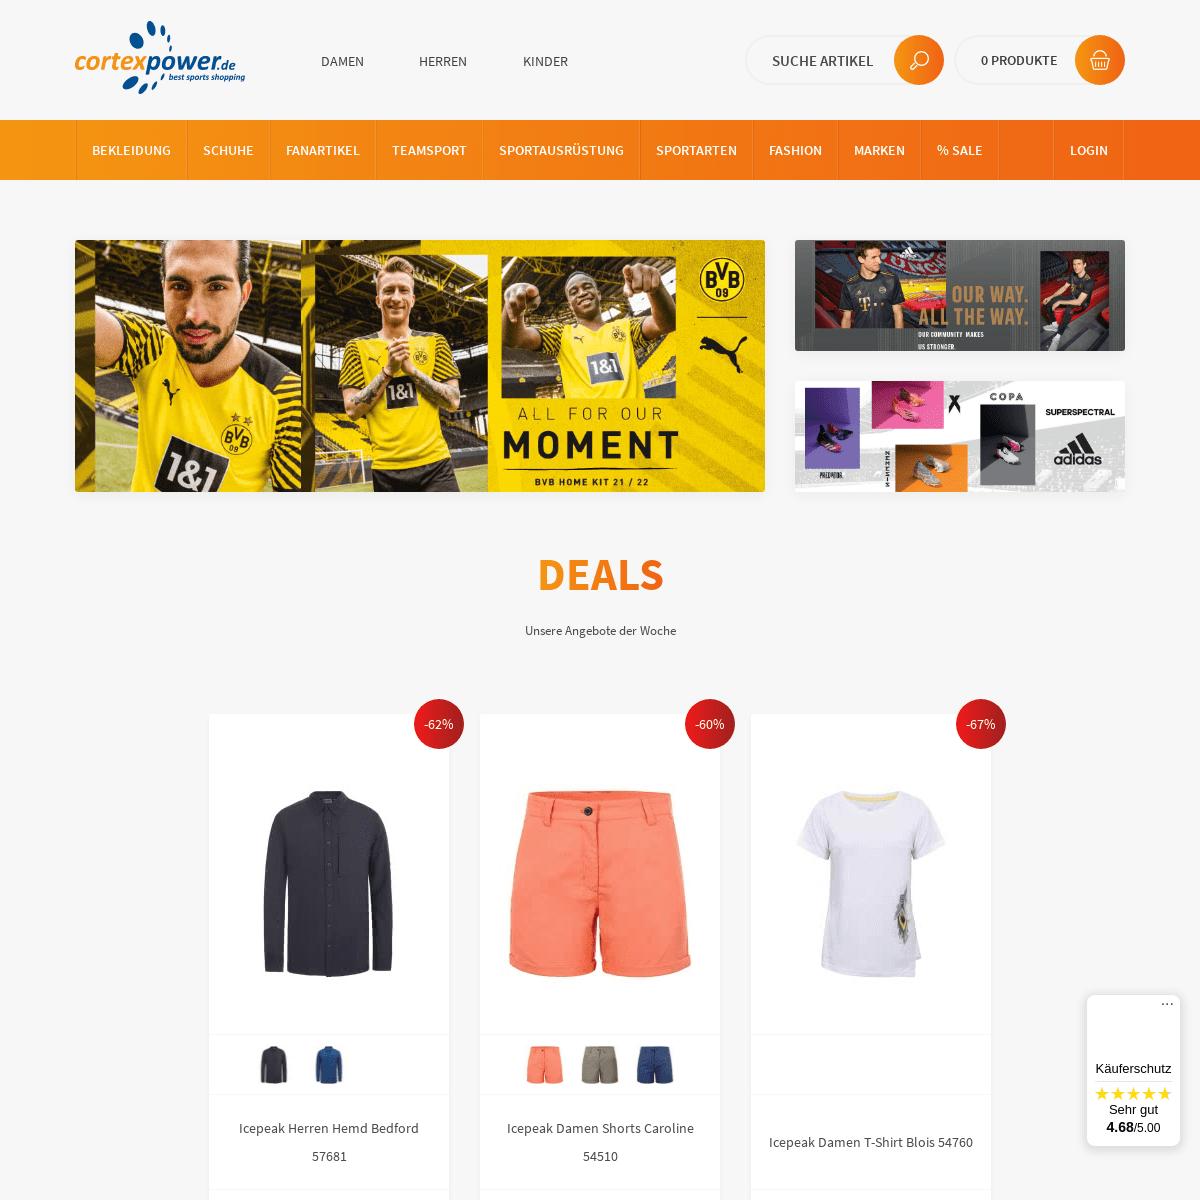 Sportshop für Sportbekleidung, Sportartikel & Mode - cortexpower.de